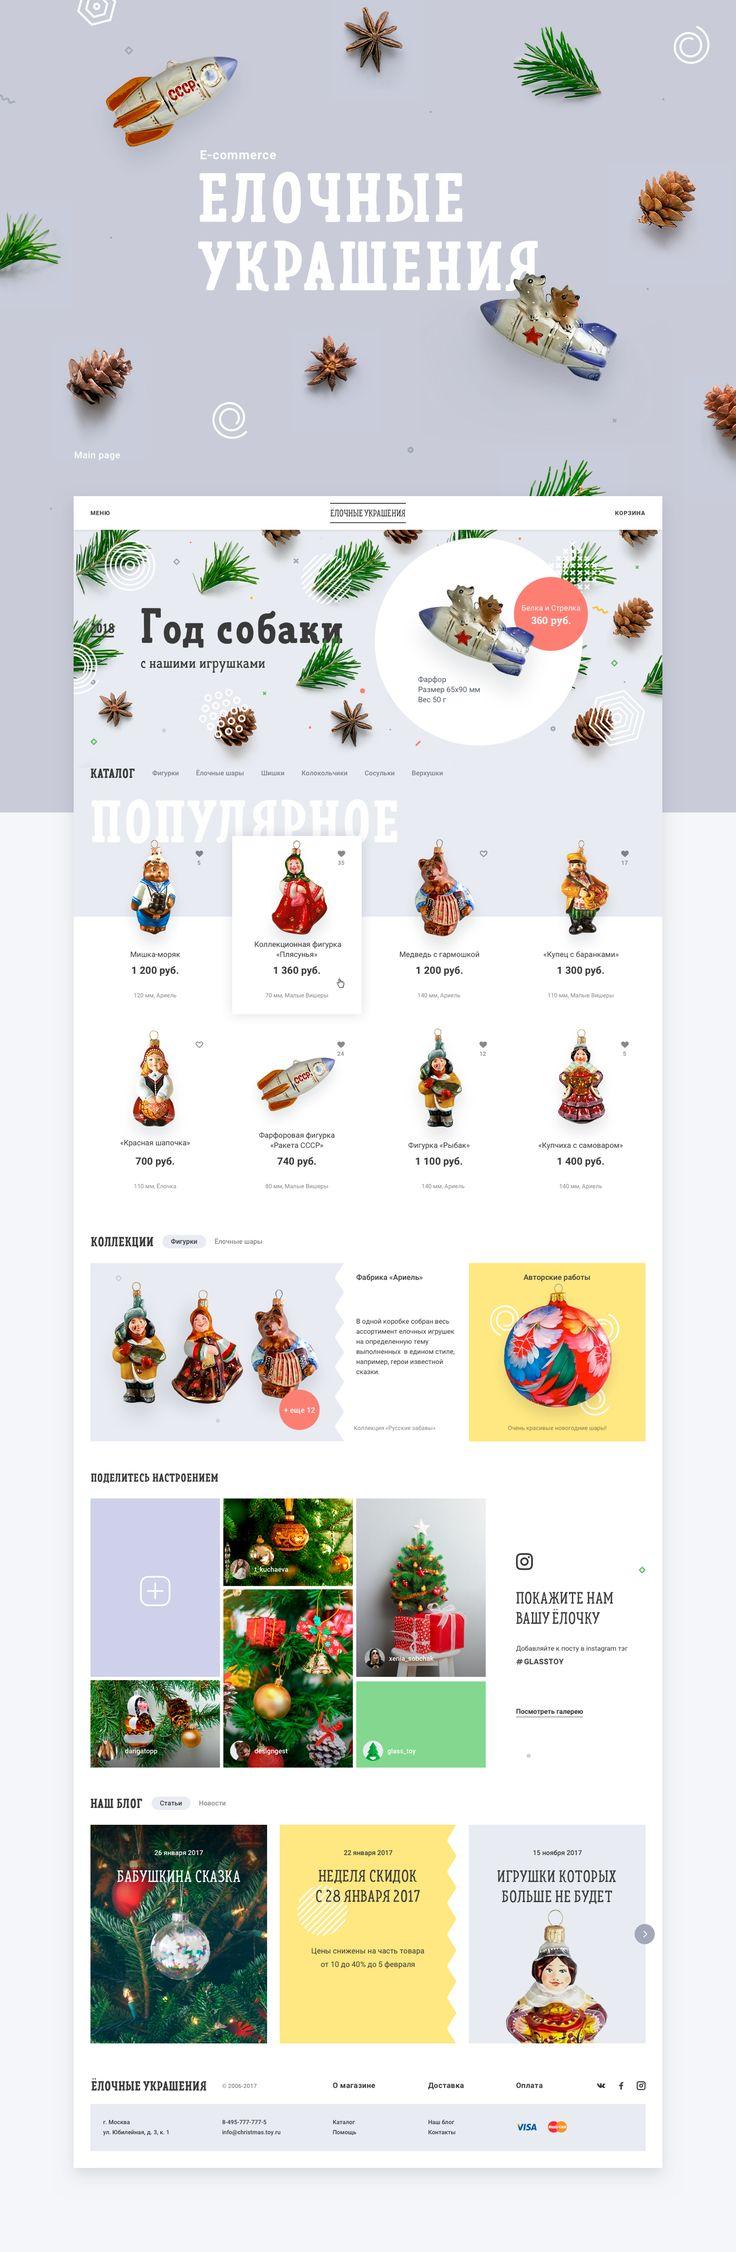 Christmas tree toys e-commerce website